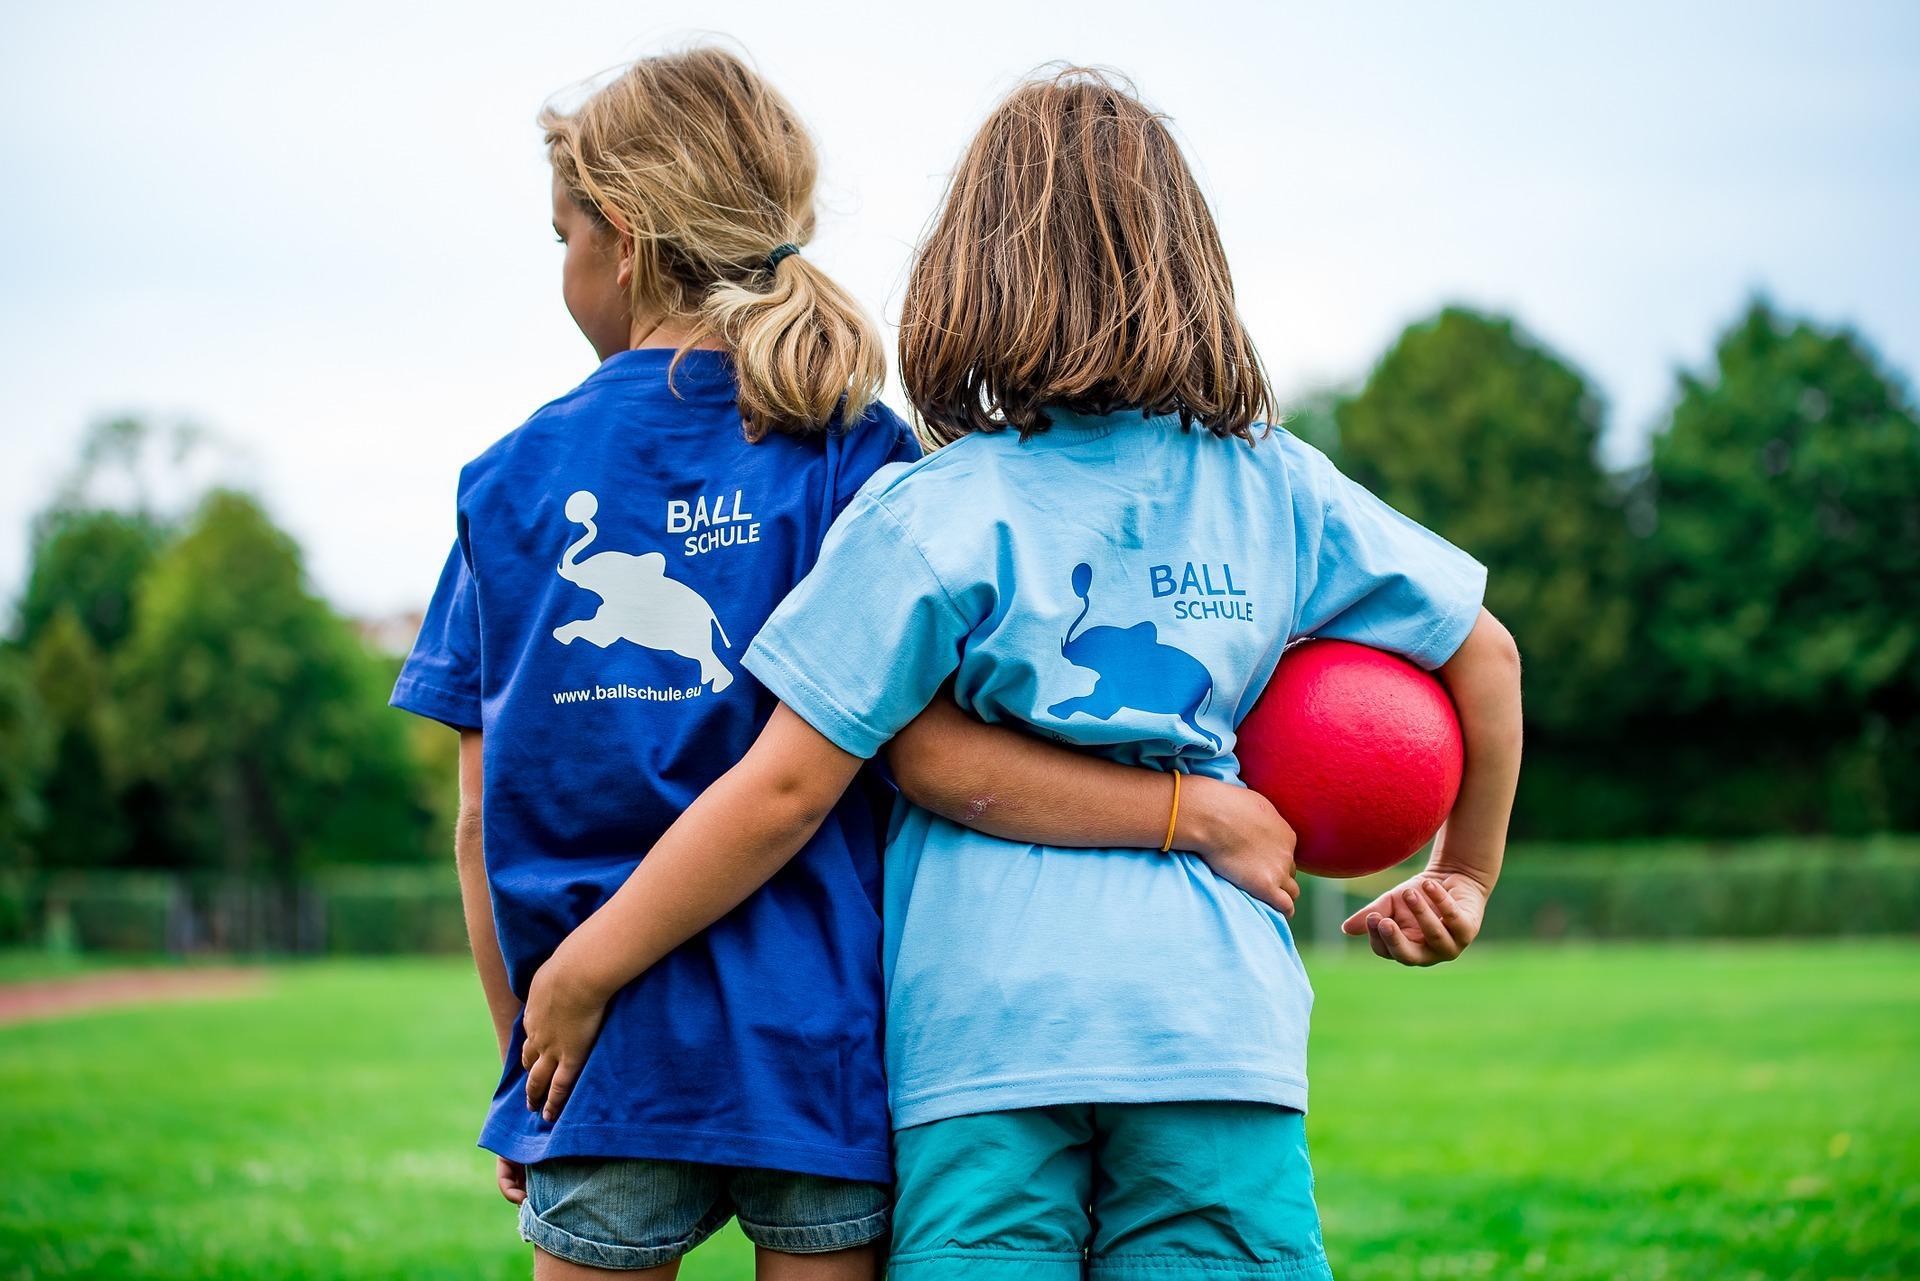 Sportvereine, Quelle: Bild von vereinballschule auf Pixabay